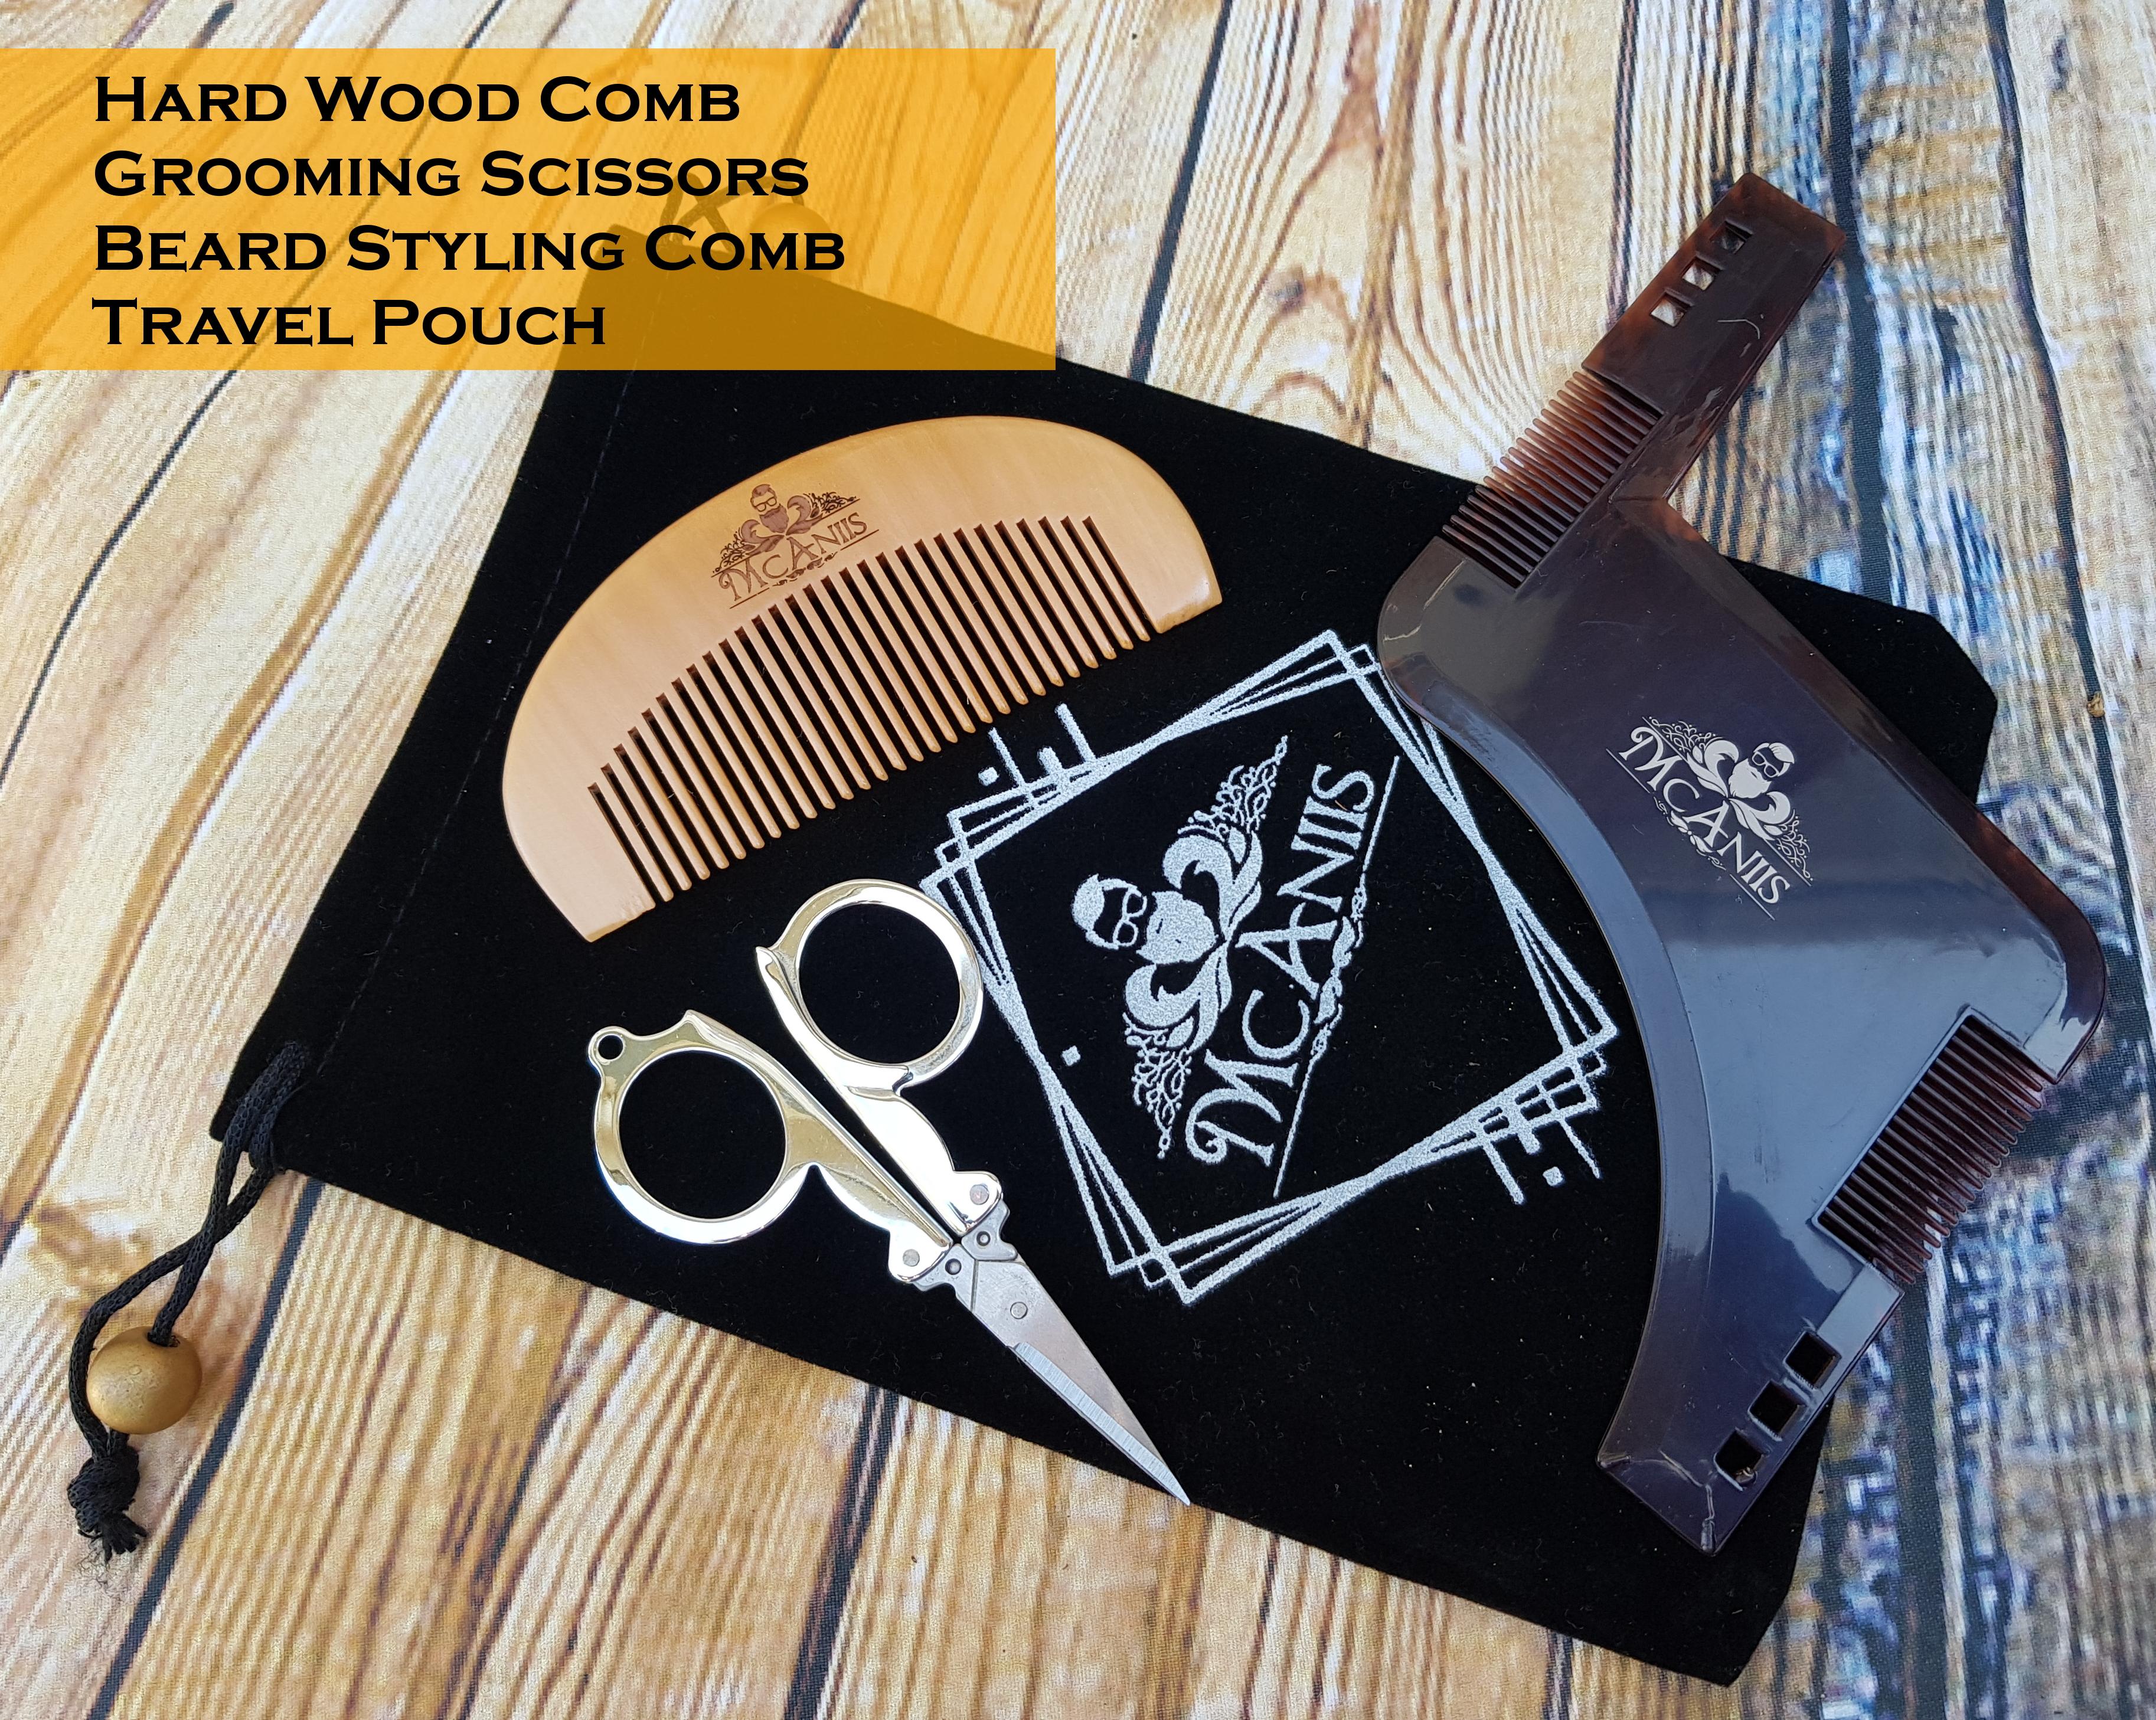 McAniis XL Beard Grooming Kit 004